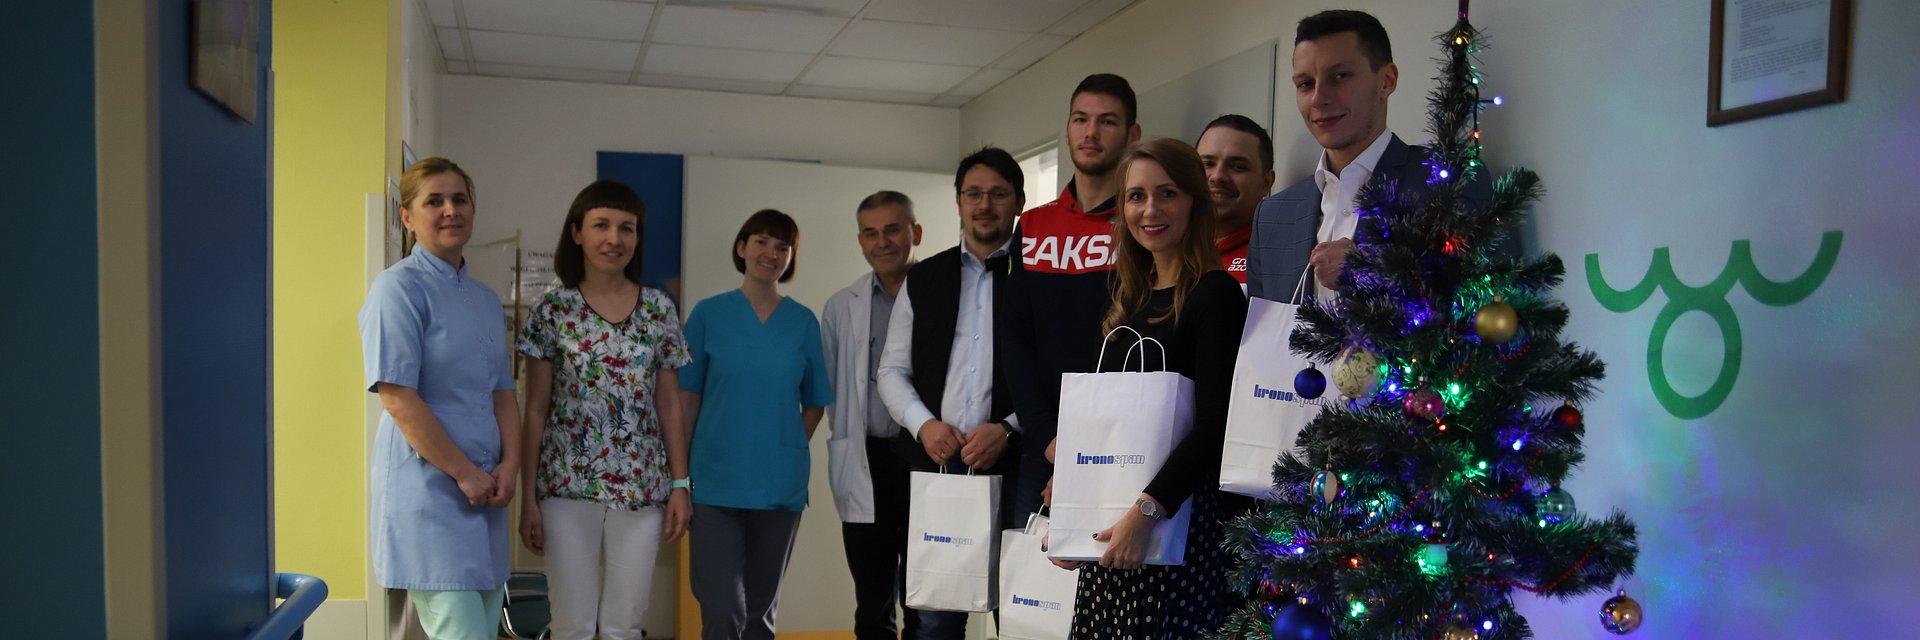 Prezenty dla małych pacjentów od pracowników Kronospan i drużyny ZAKS-y Strzelce Opolskie